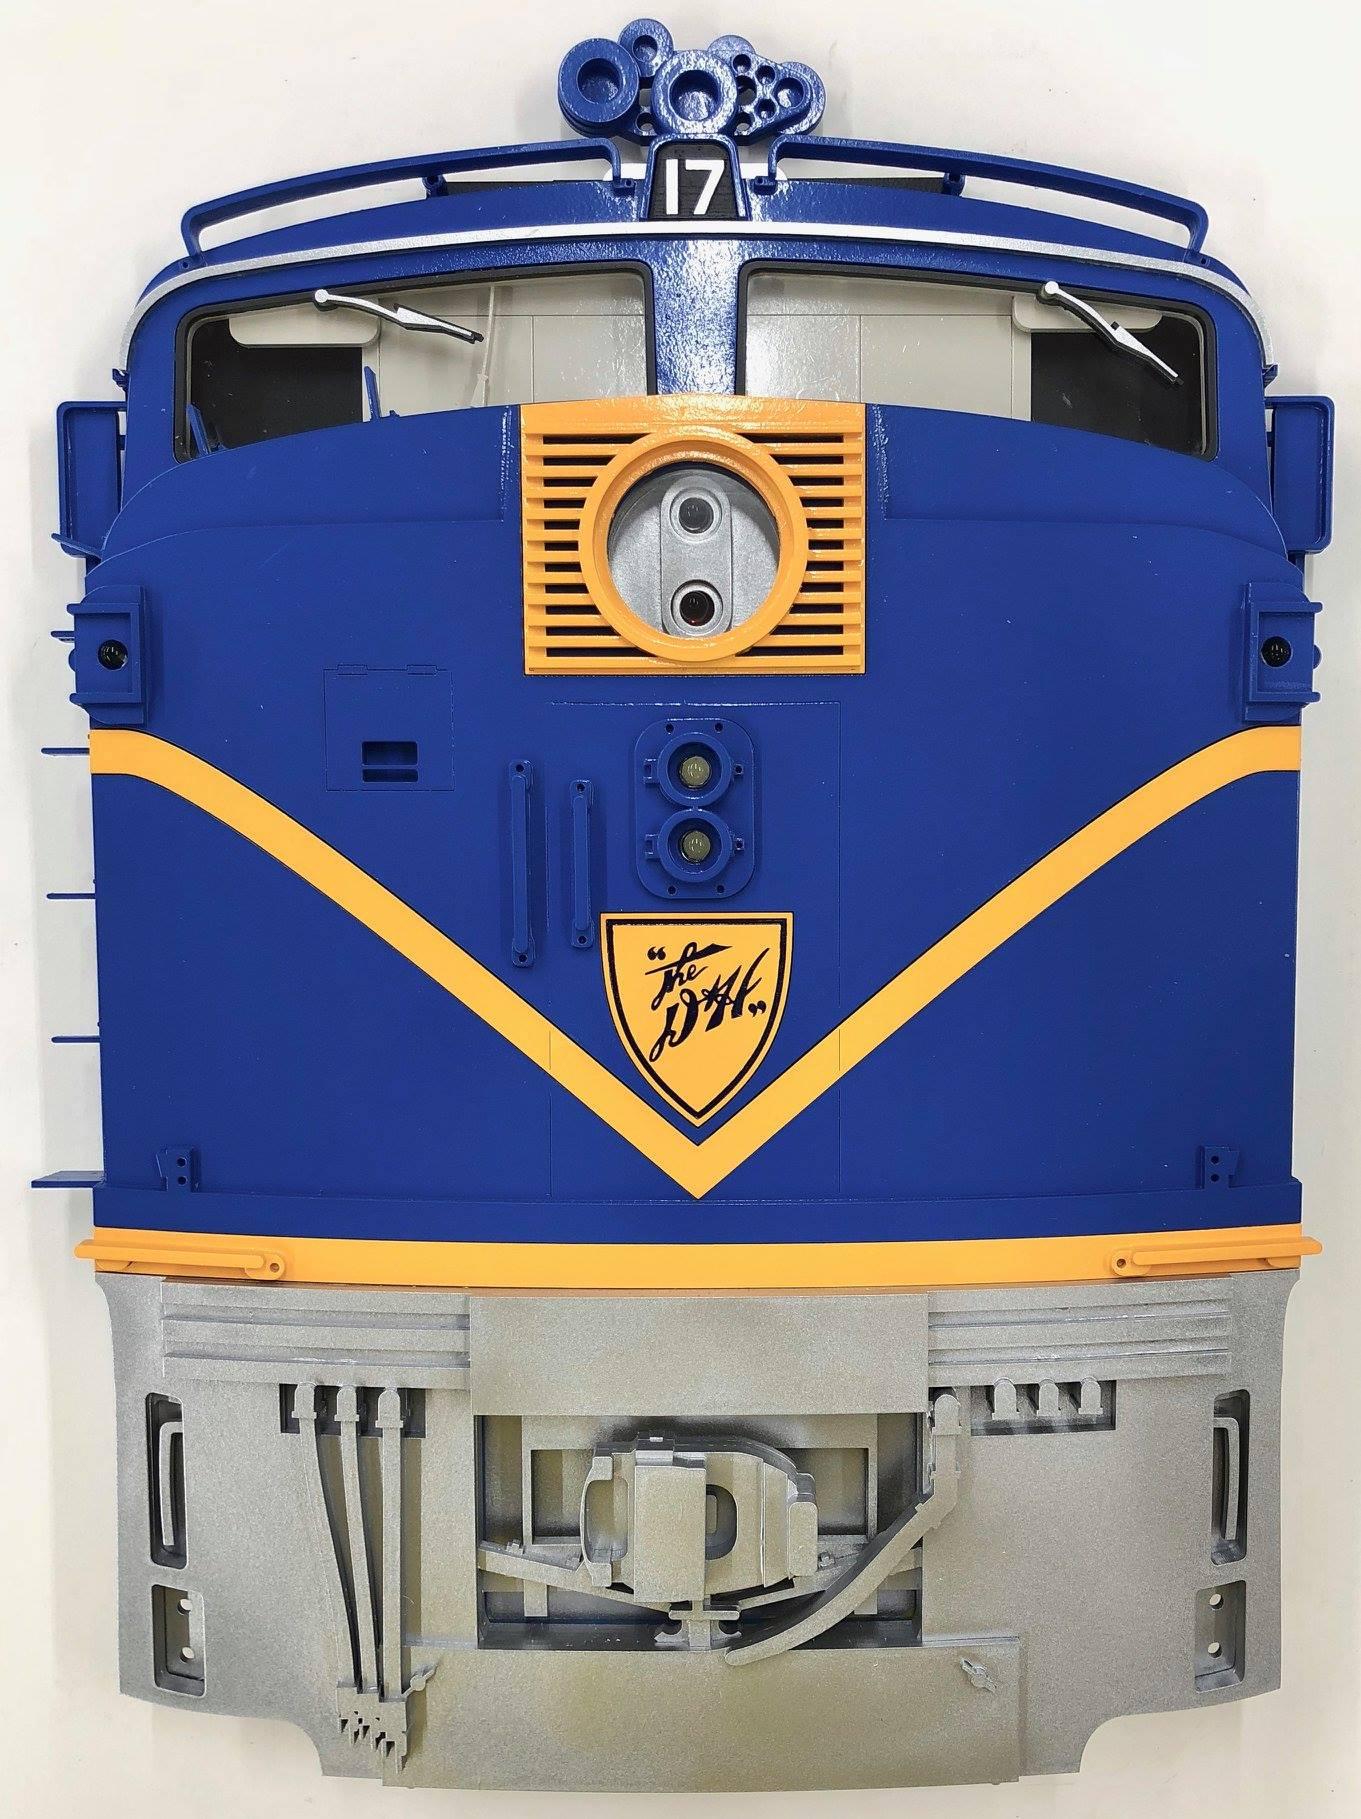 Stoddarts Ltd. 17 - 3D Railroad Wall Artwork - D&H PA Locomotive #17